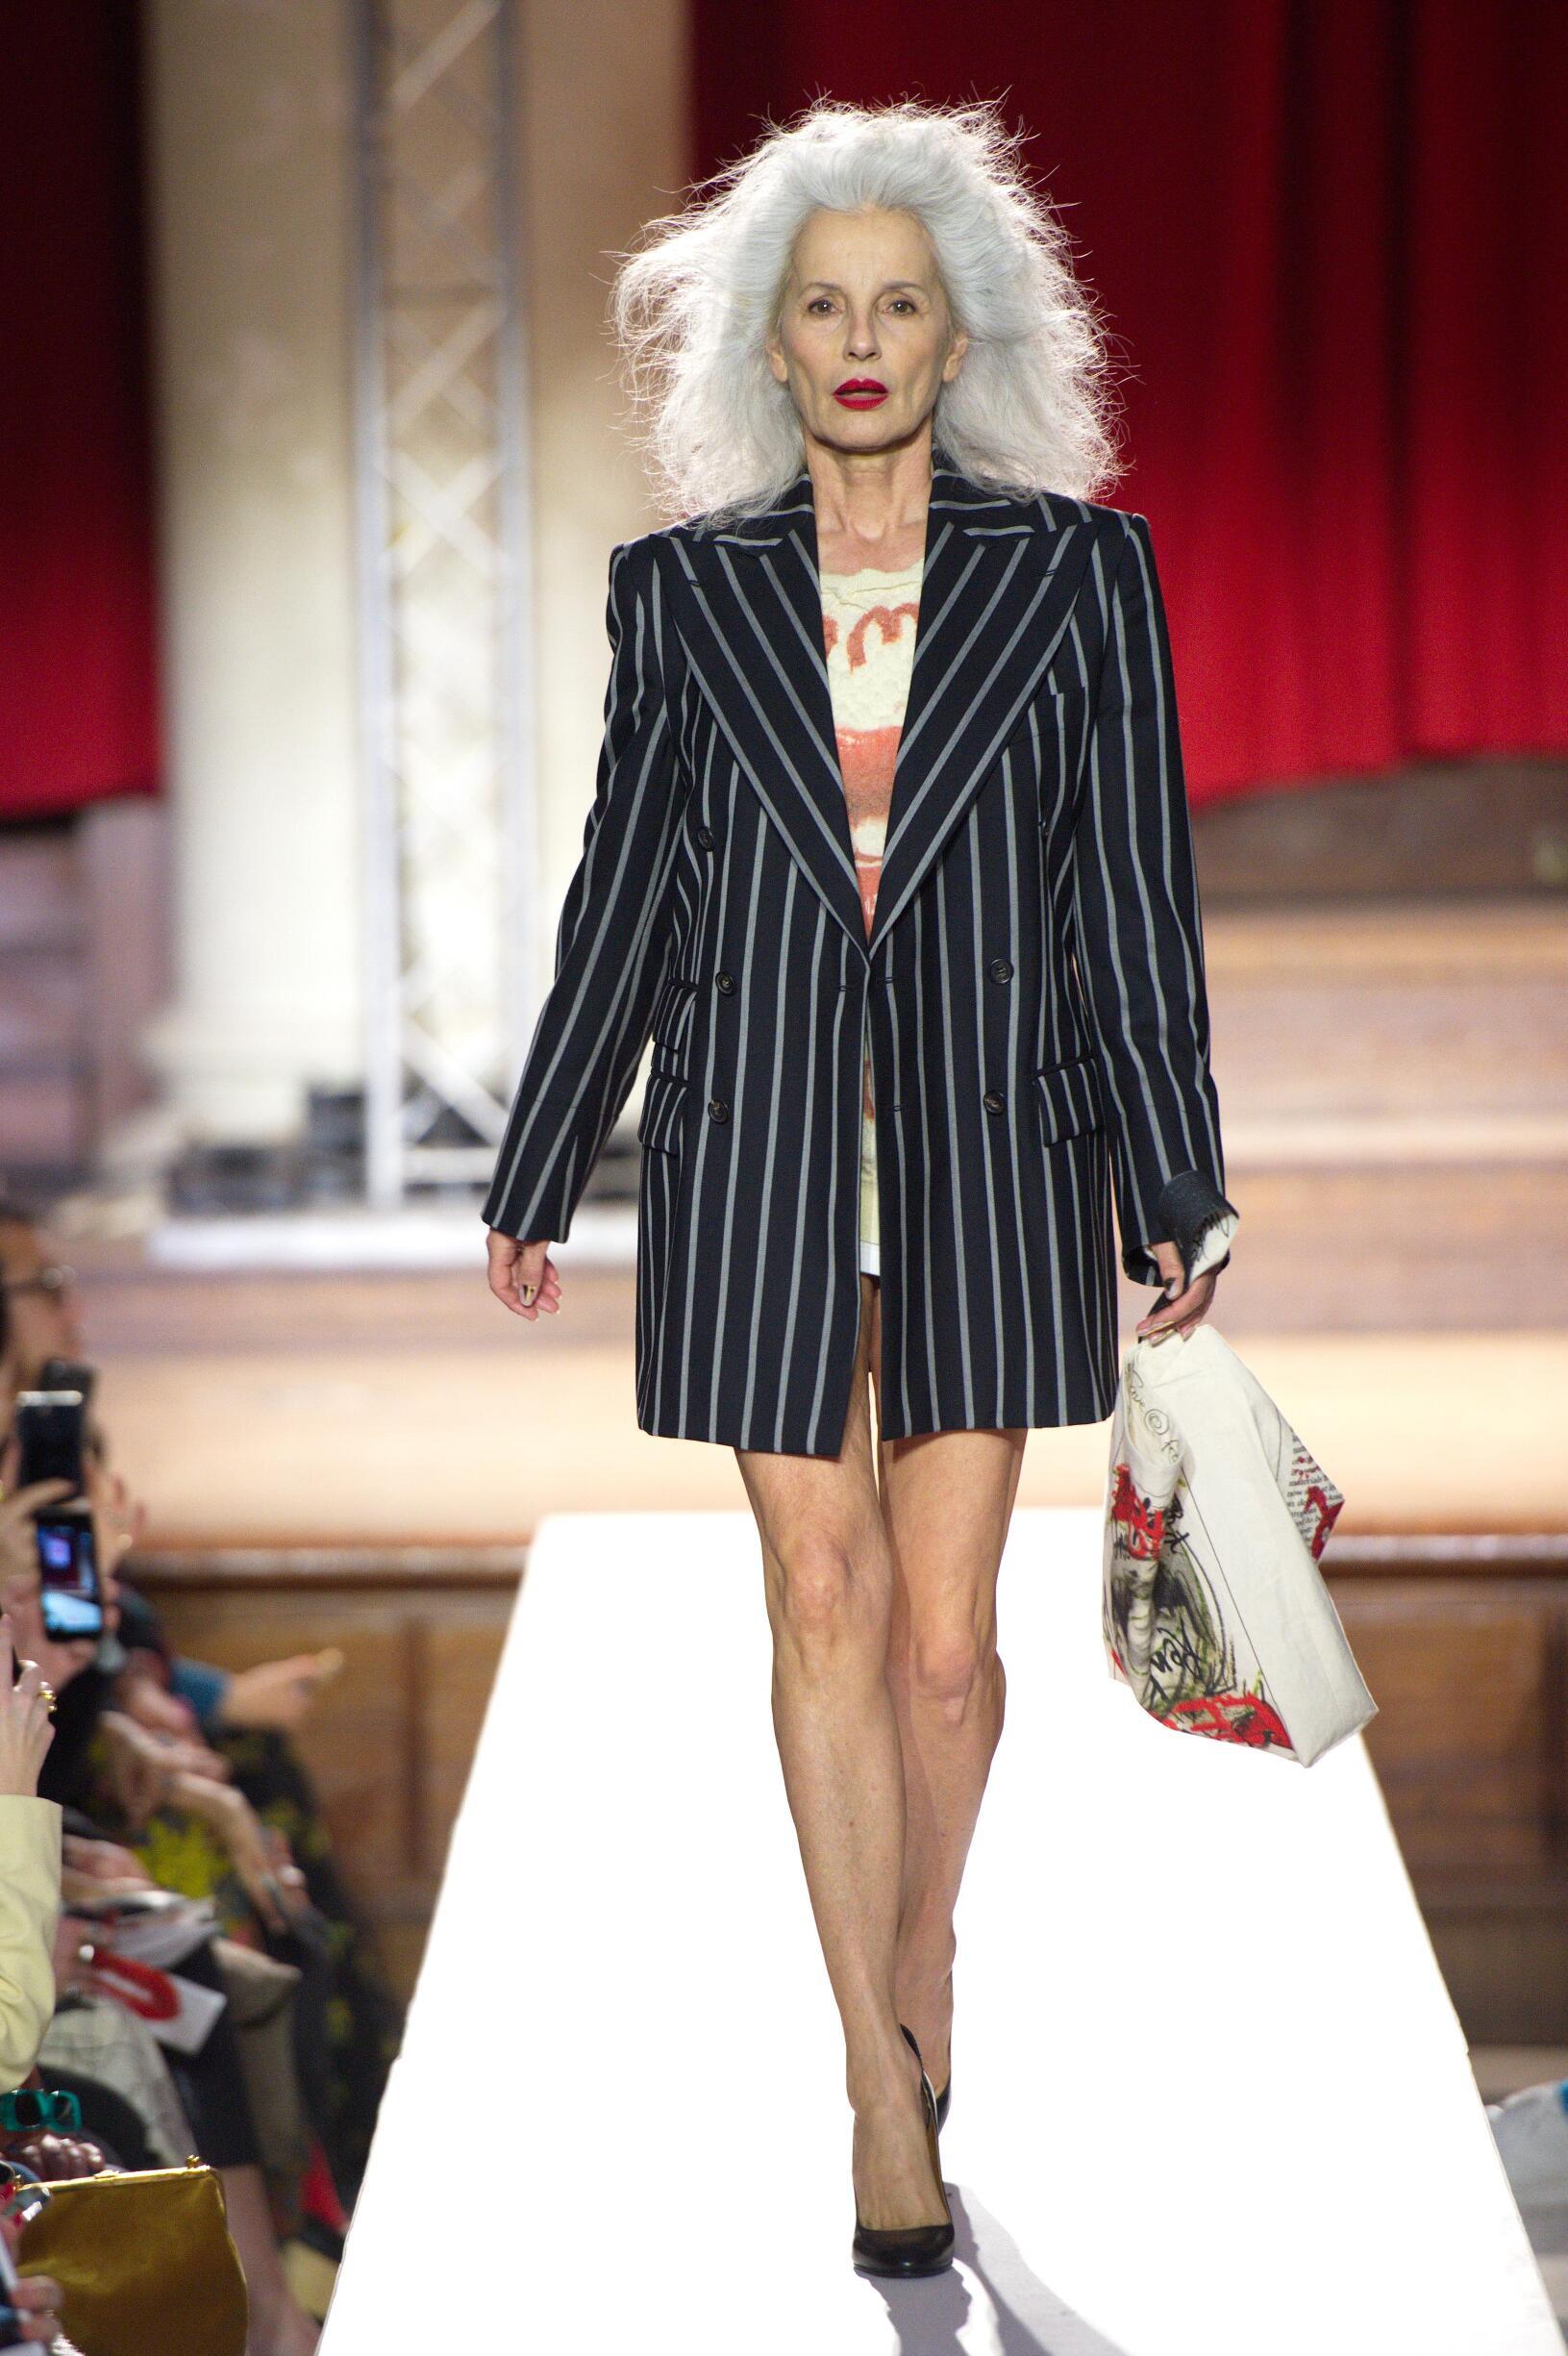 Catwalk Vivienne Westwood Women Fashion Show Winter 2019